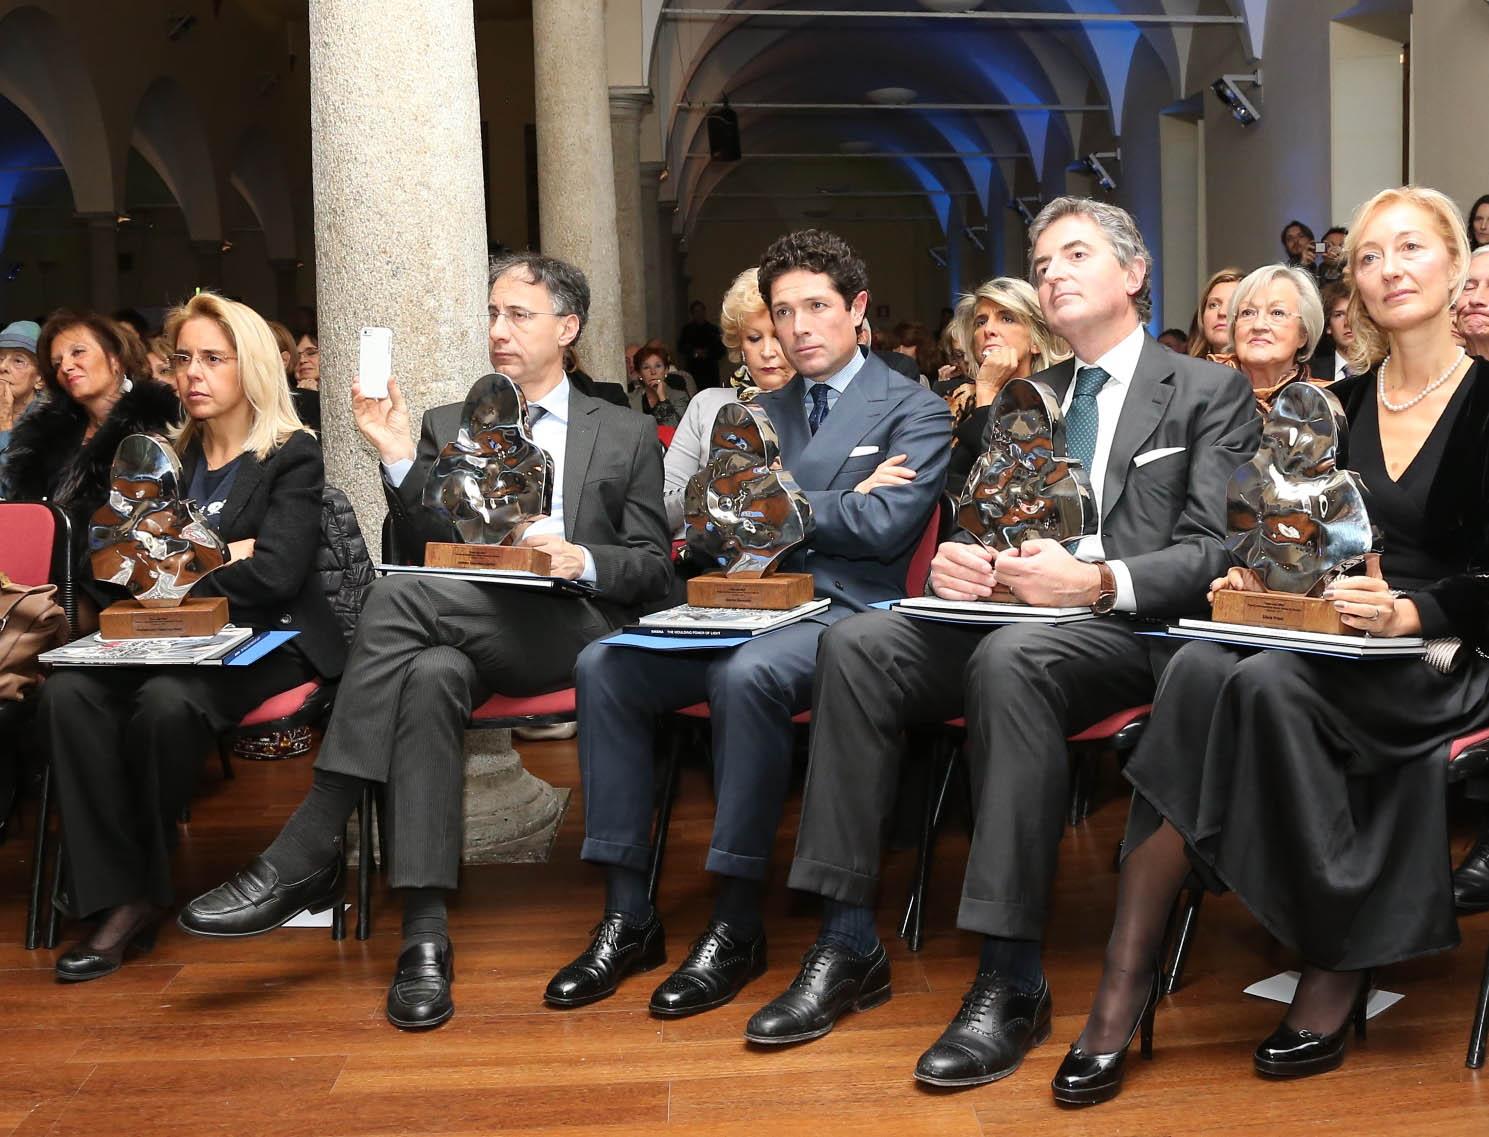 Premio_Inno_alla_Vita_2-12-_13_-_Mariavittoria_Rava__Paolo_Petralia__Matteo_Marzotto__Francesco_Montorsi__Silvia_Priori